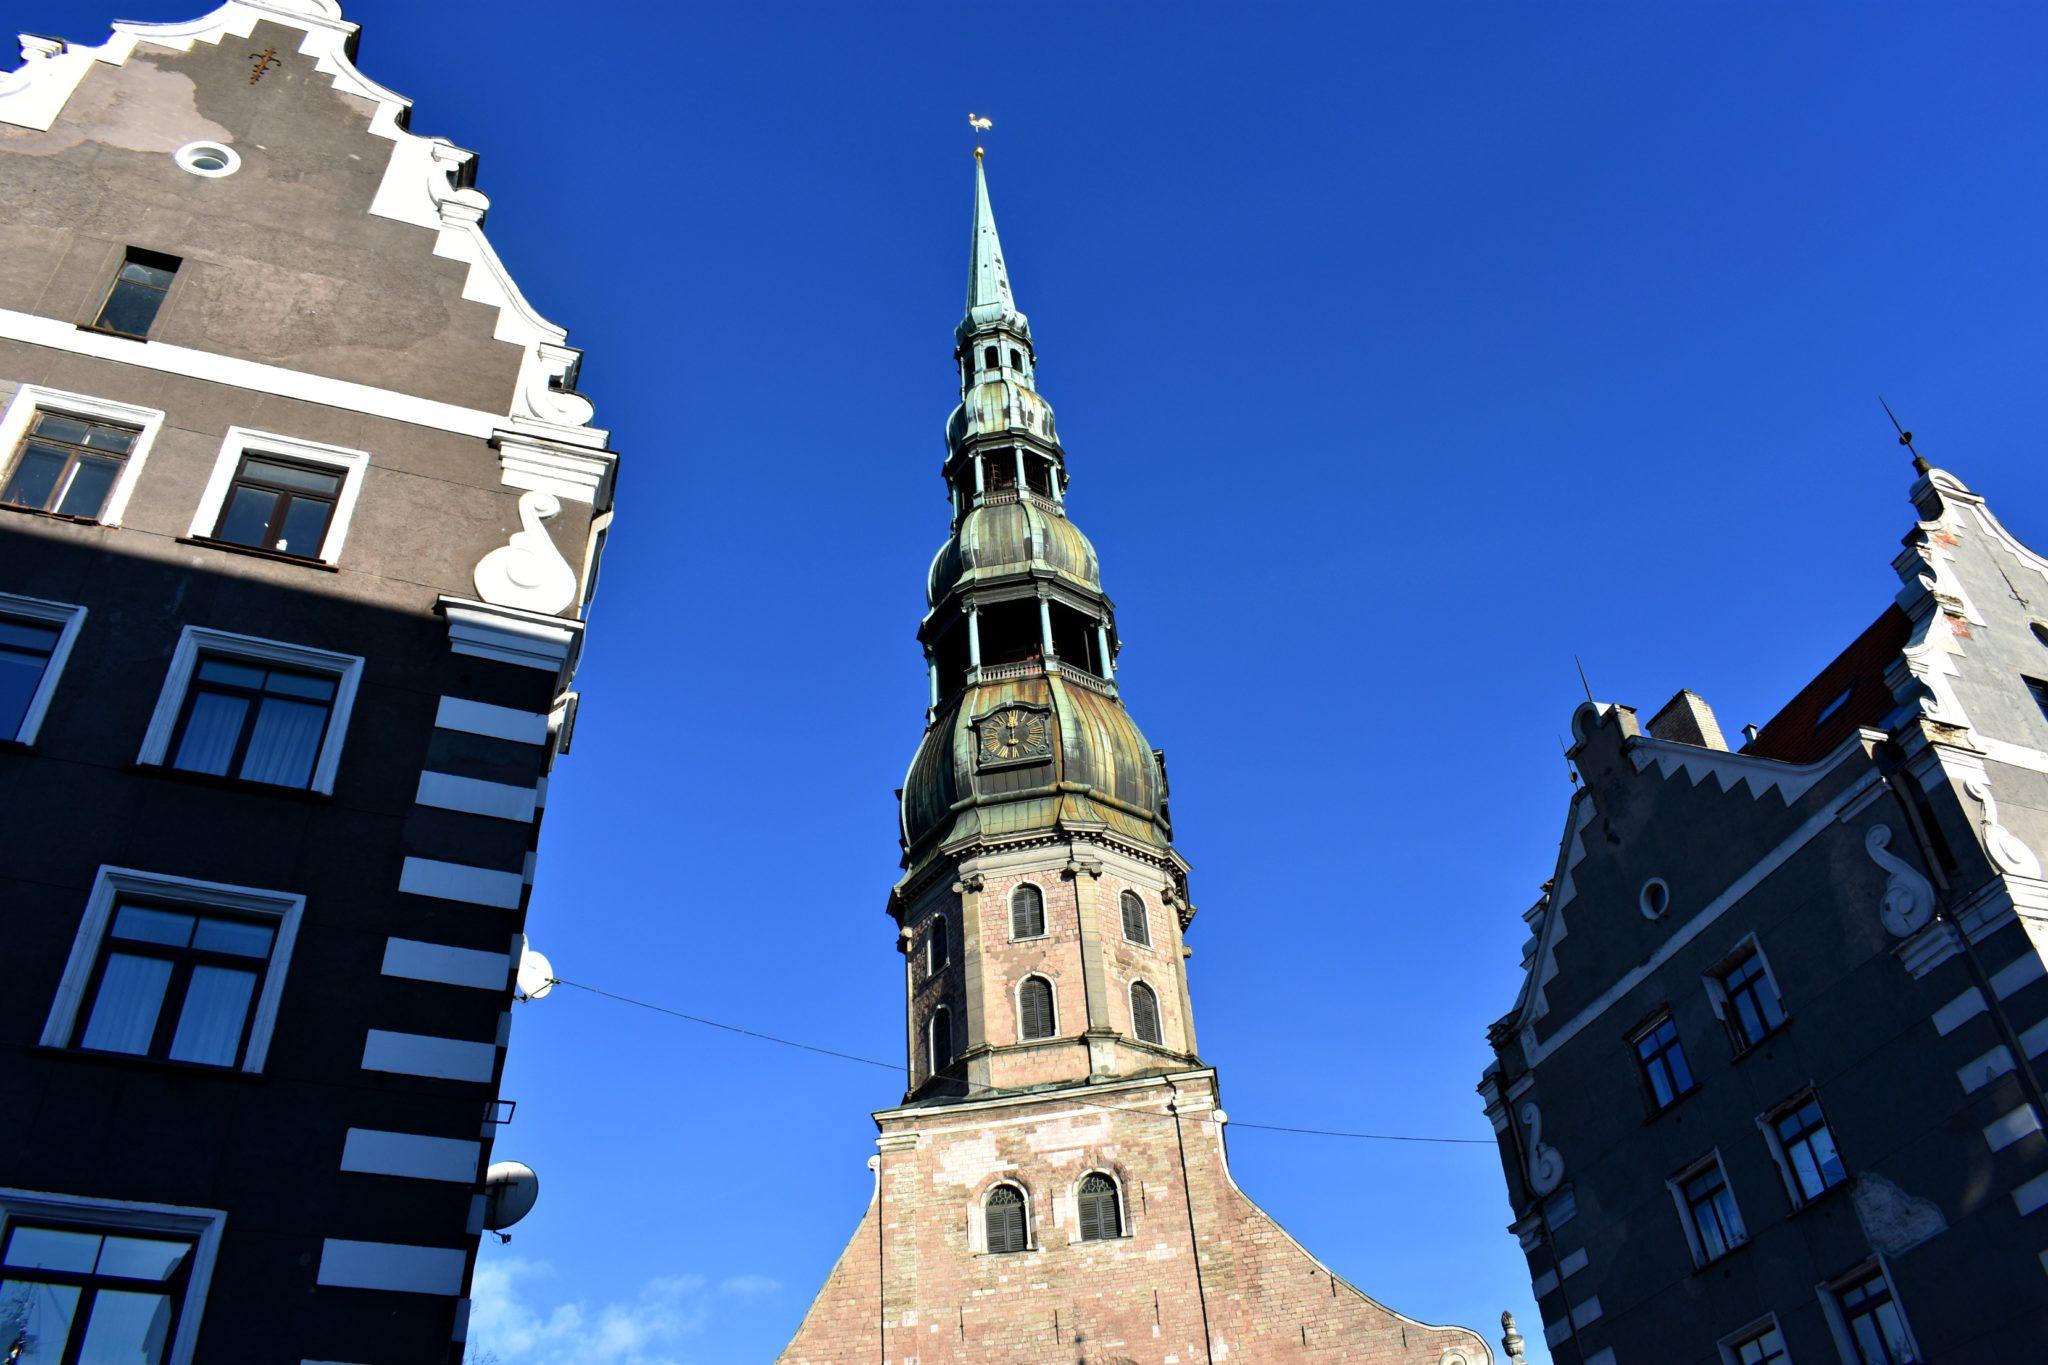 St Peters Church, Riga, Latvia